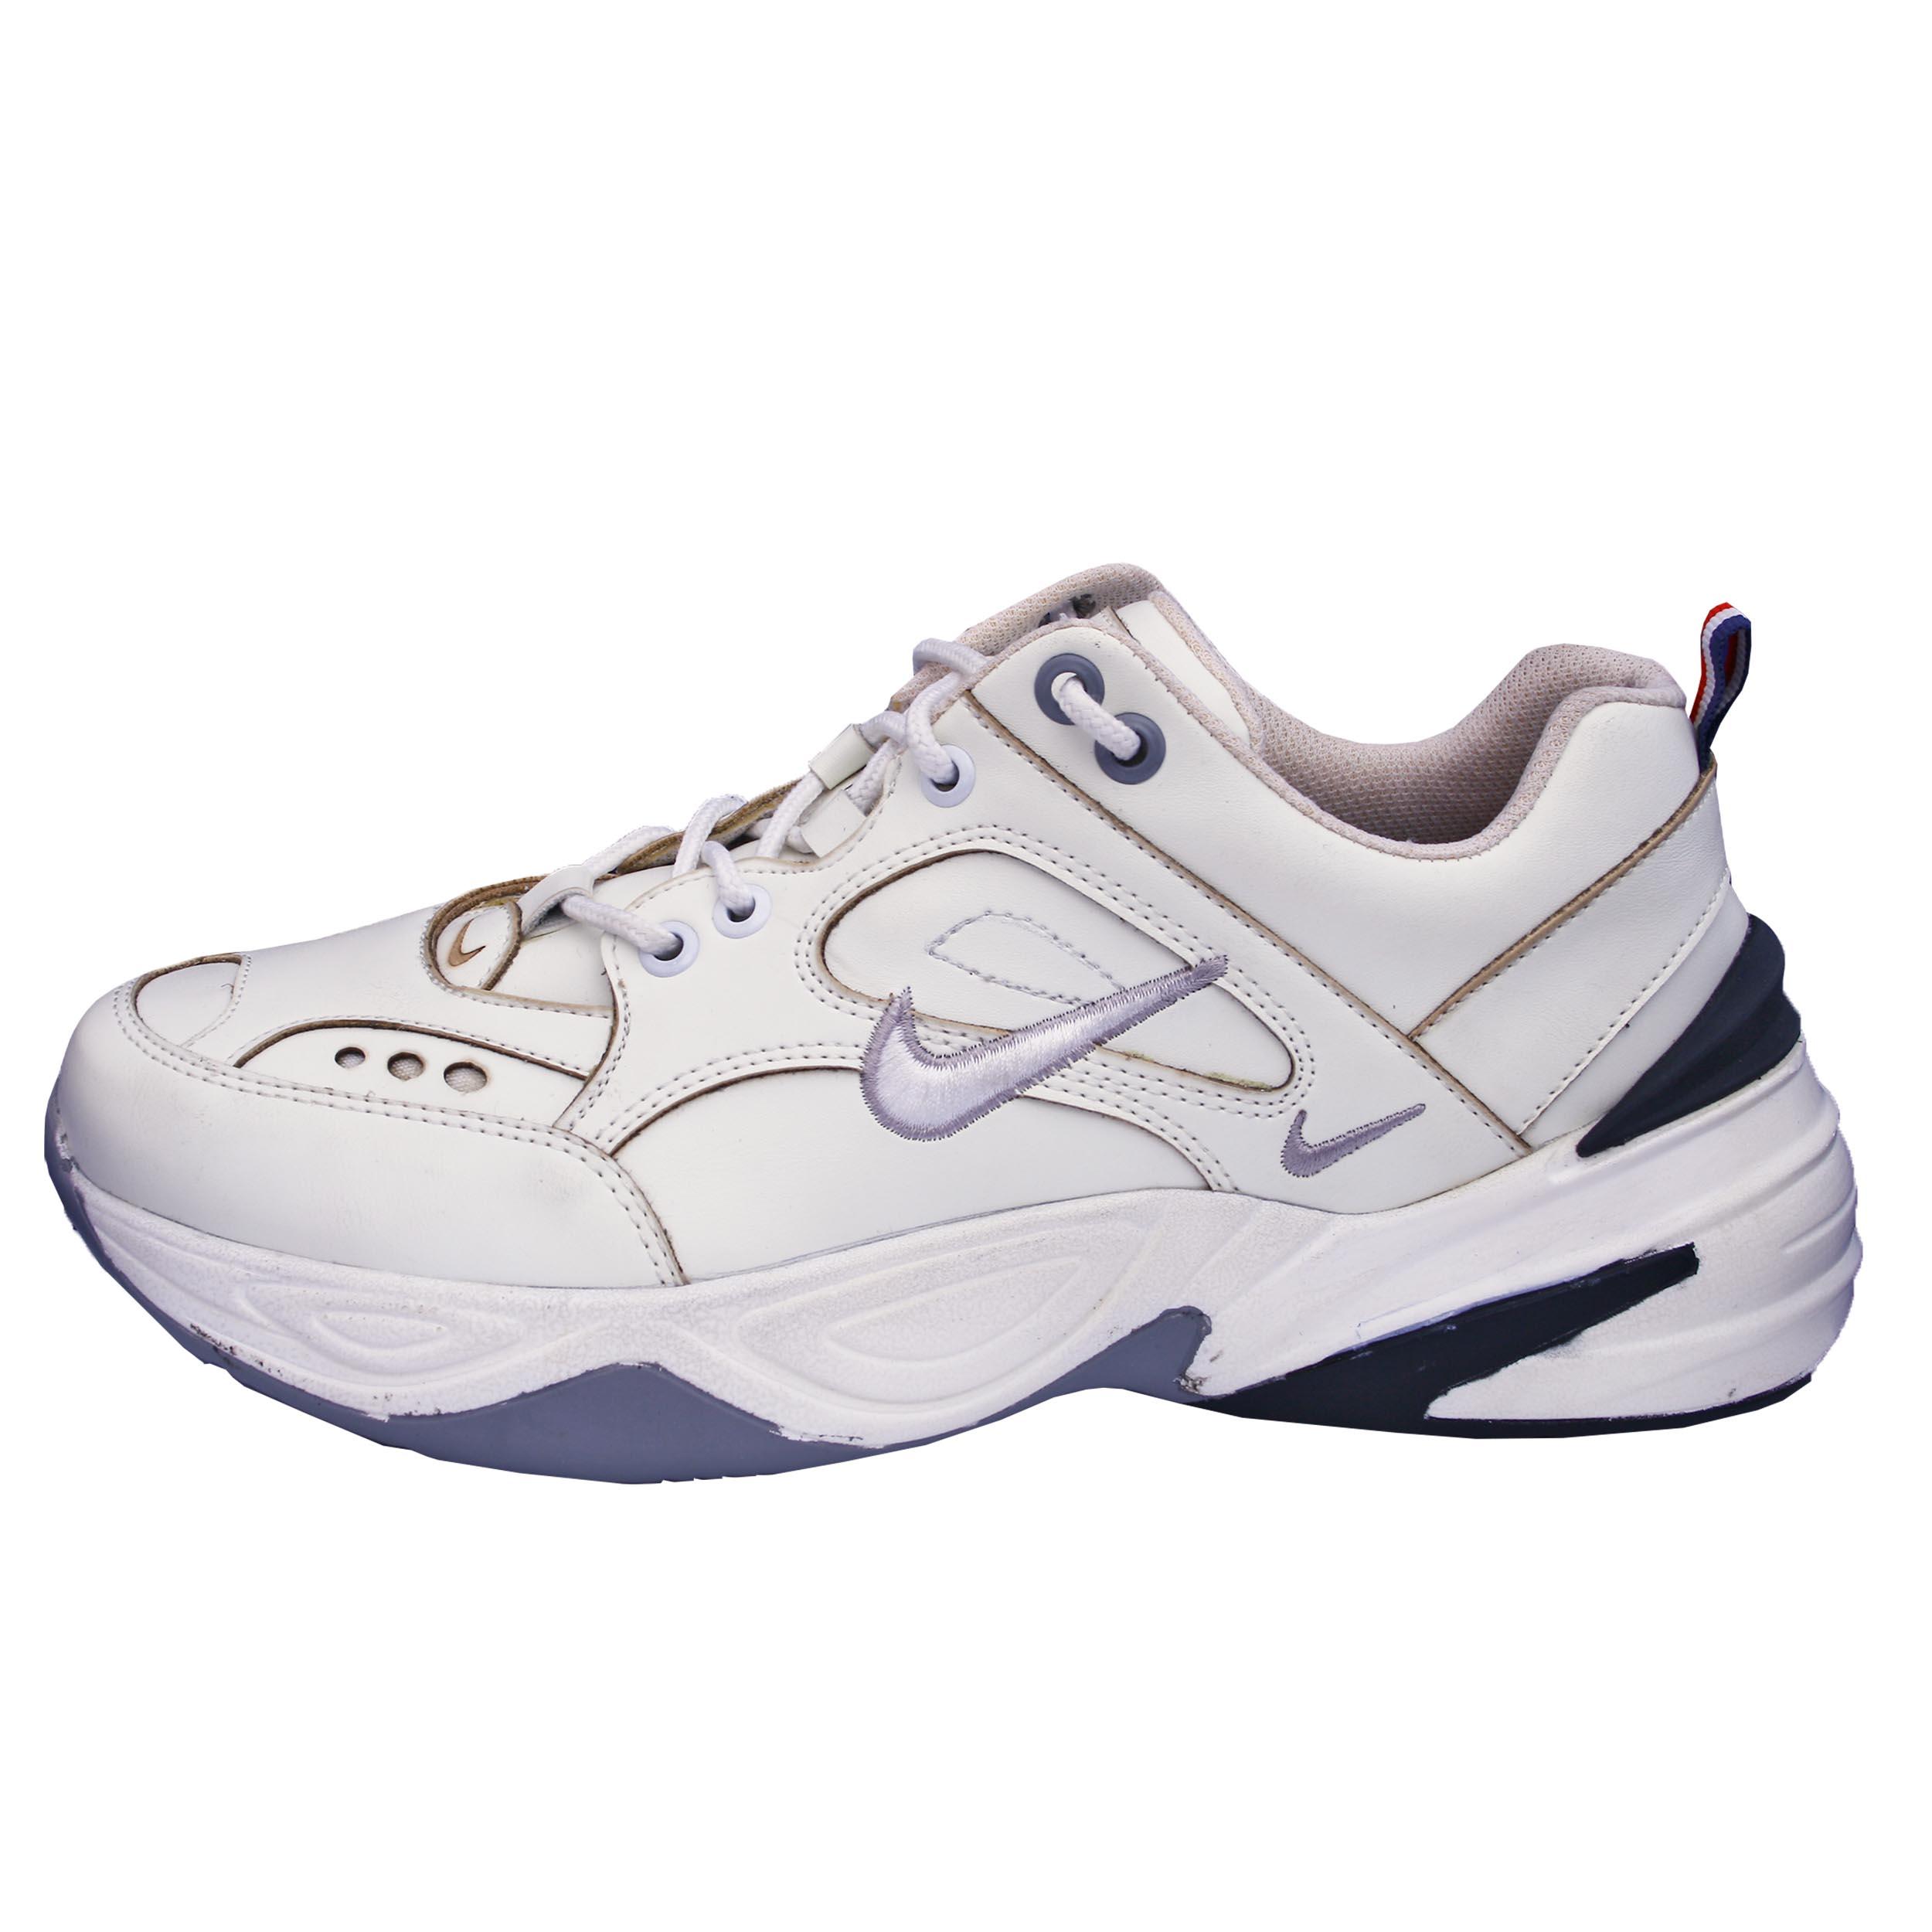 کفش مخصوص پیاده روی زنانه کد kt02